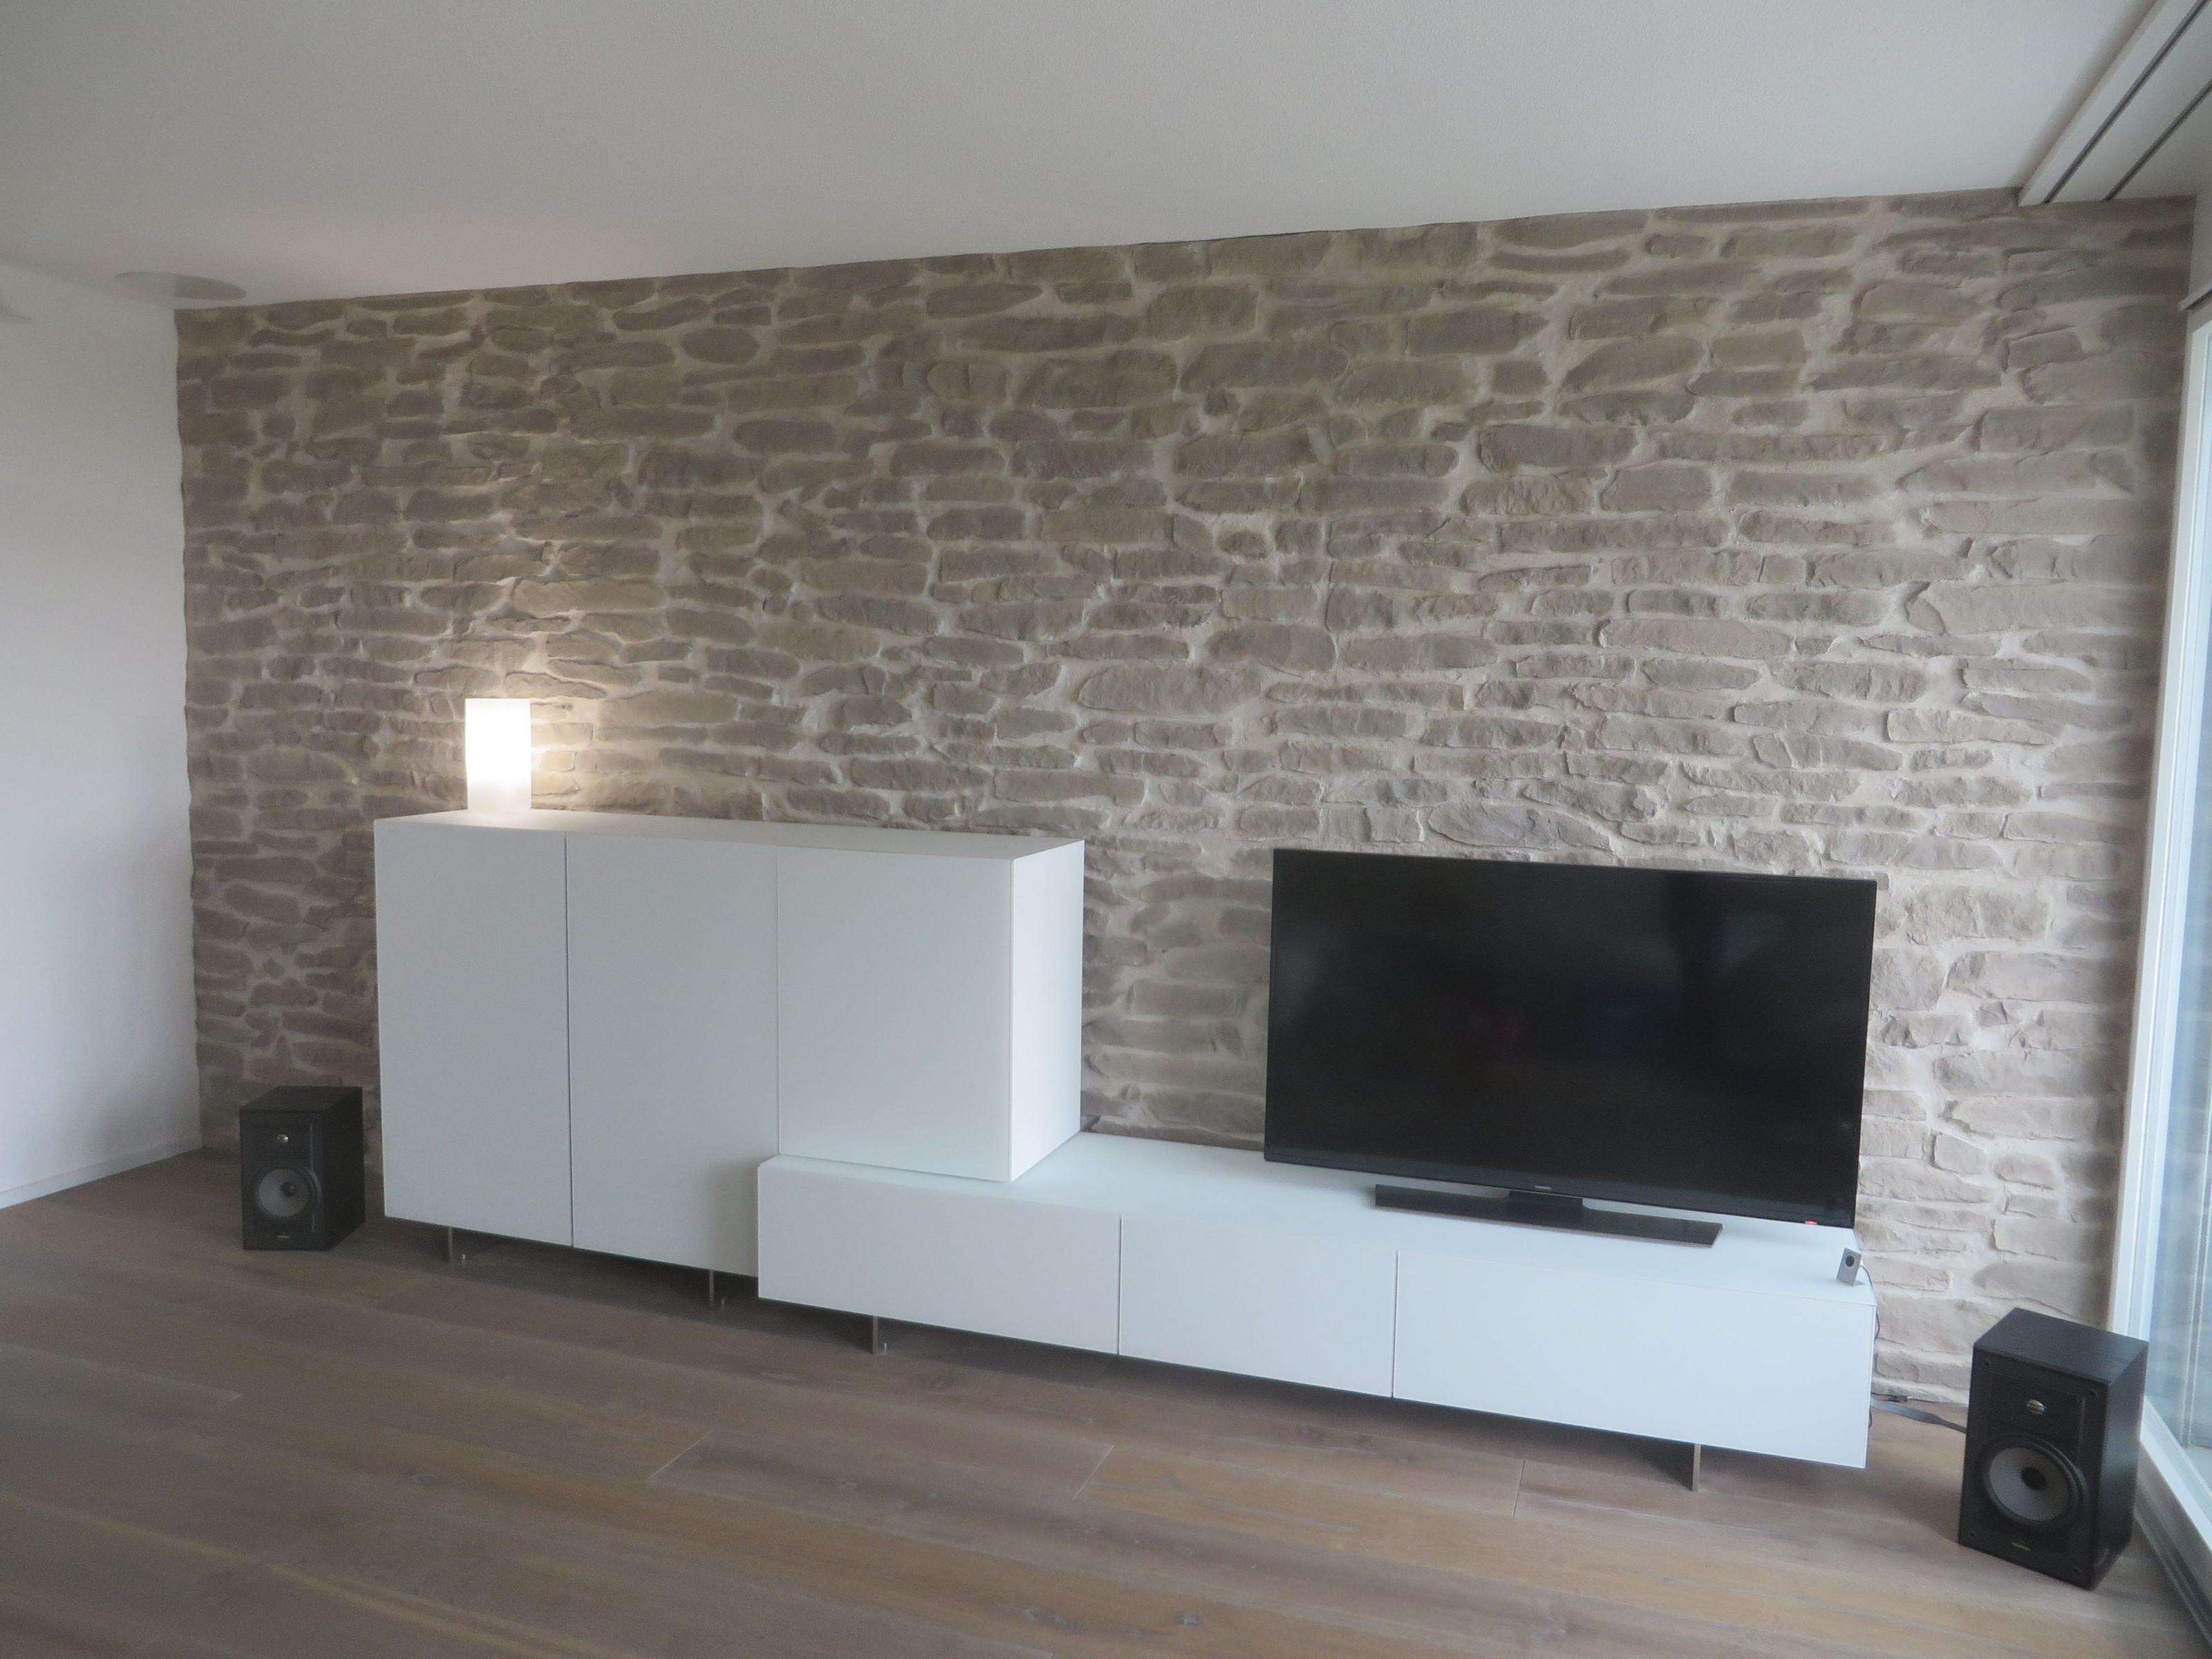 Wohnzimmerwand Steinoptik Lajas  Wandgestaltung Wohnzimmer von Wohnzimmer Wände Gestalten Bilder Photo